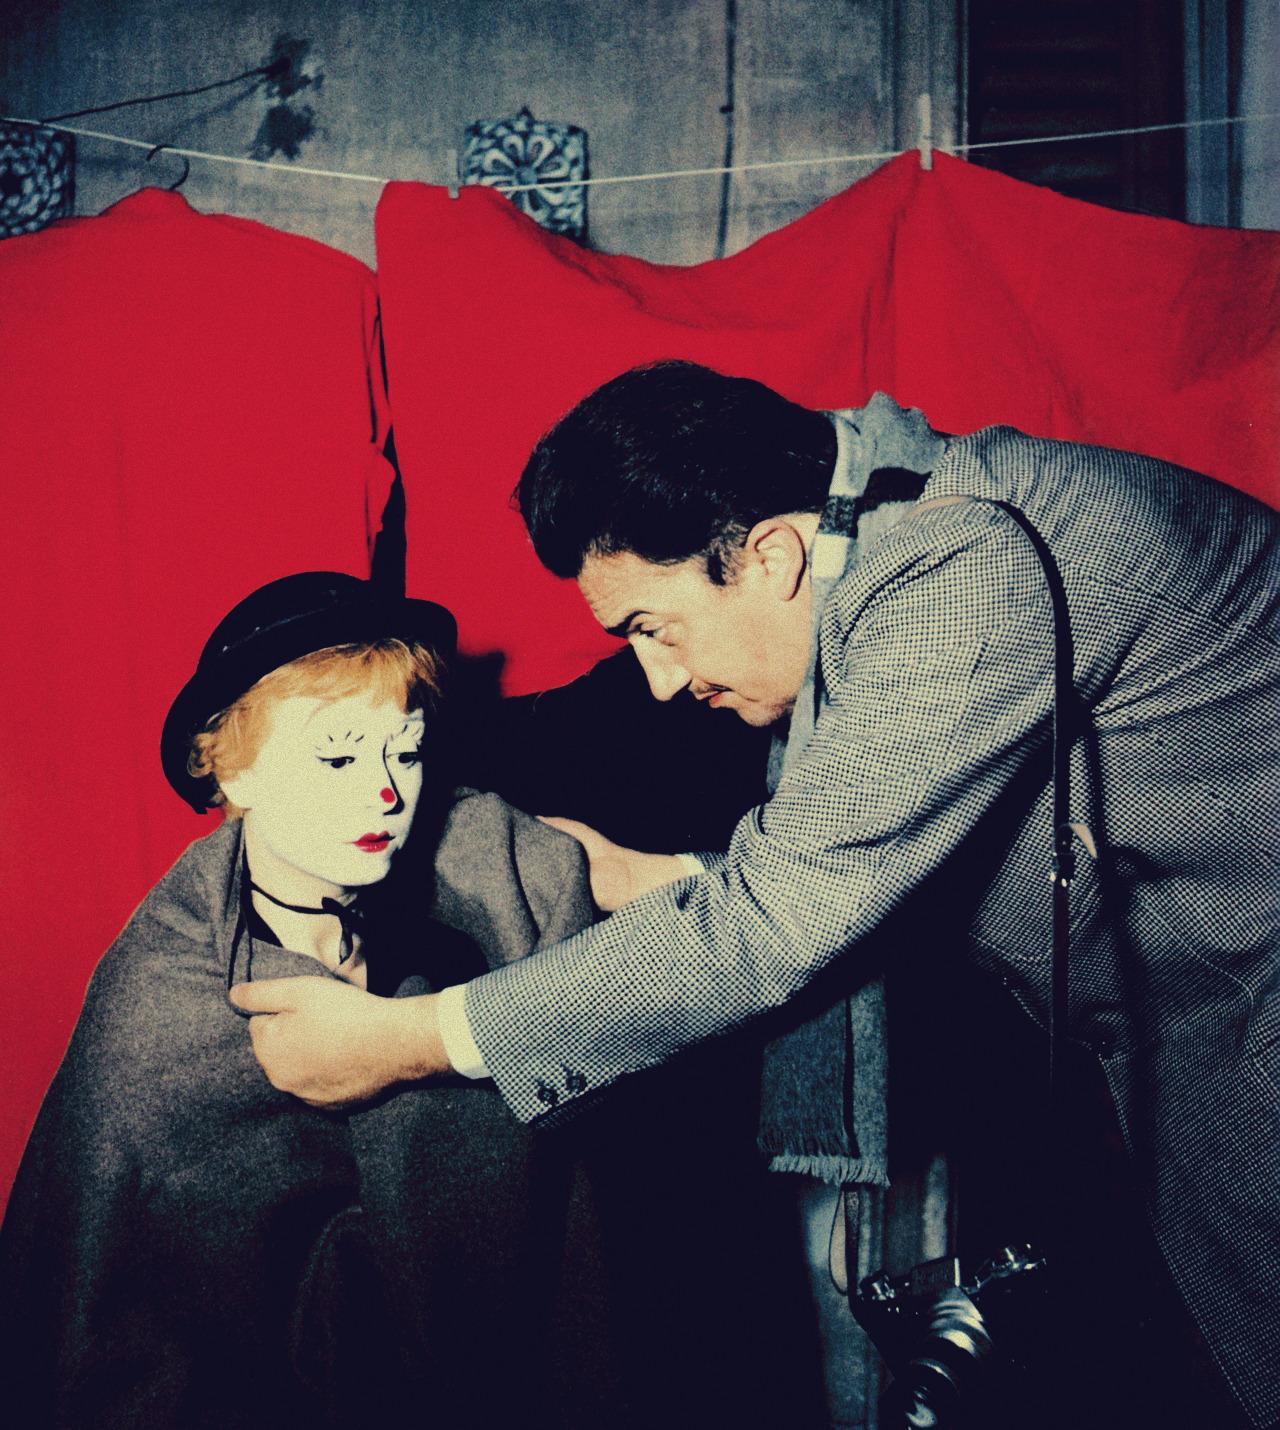 Federico Fellini and Giulietta Masina in La strada (1954)